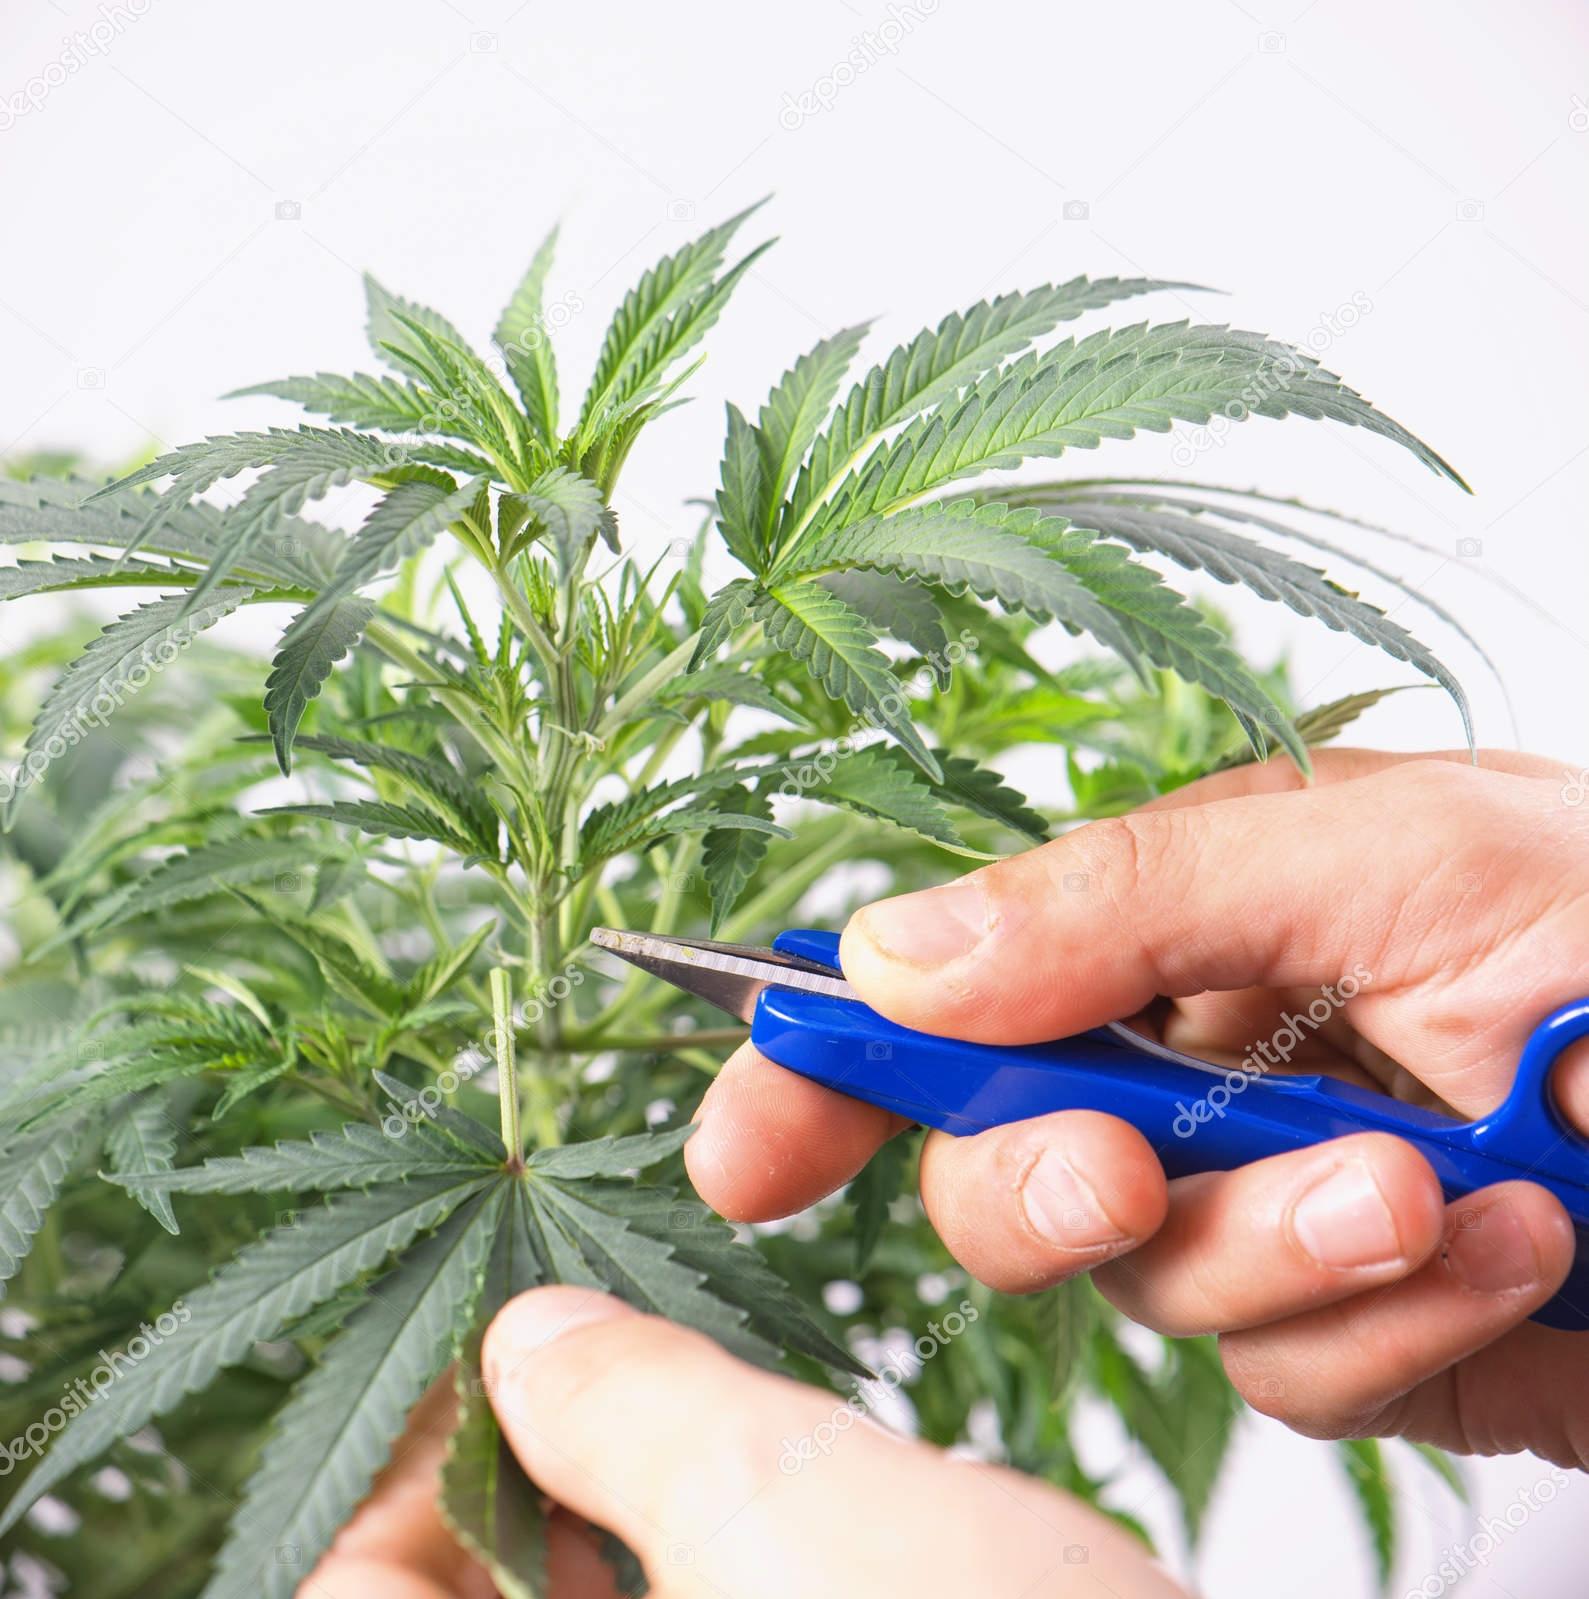 Как обрывать коноплю марихуана косяк картинка